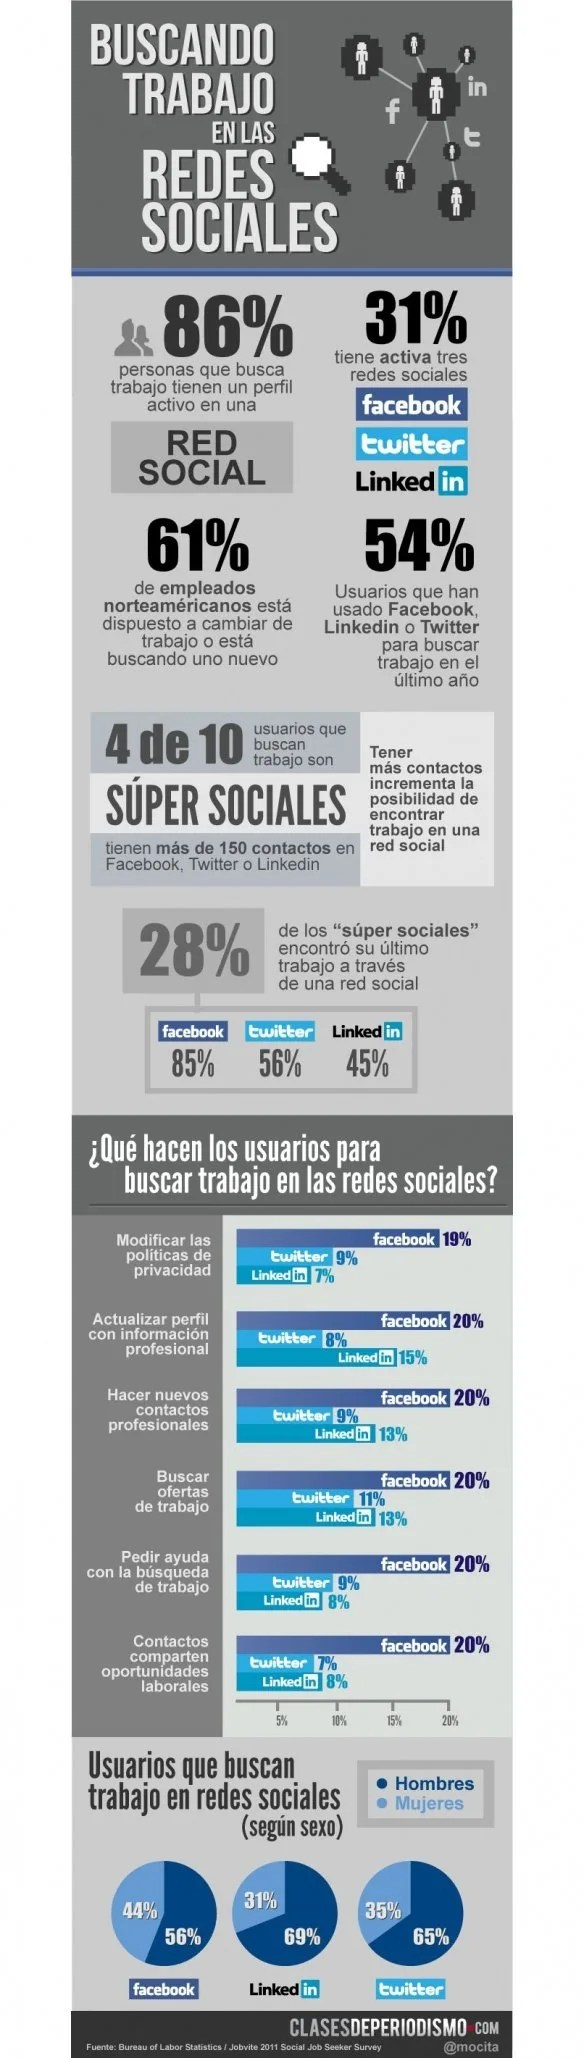 Infografía Búsqueda Trabajo Redes Sociales